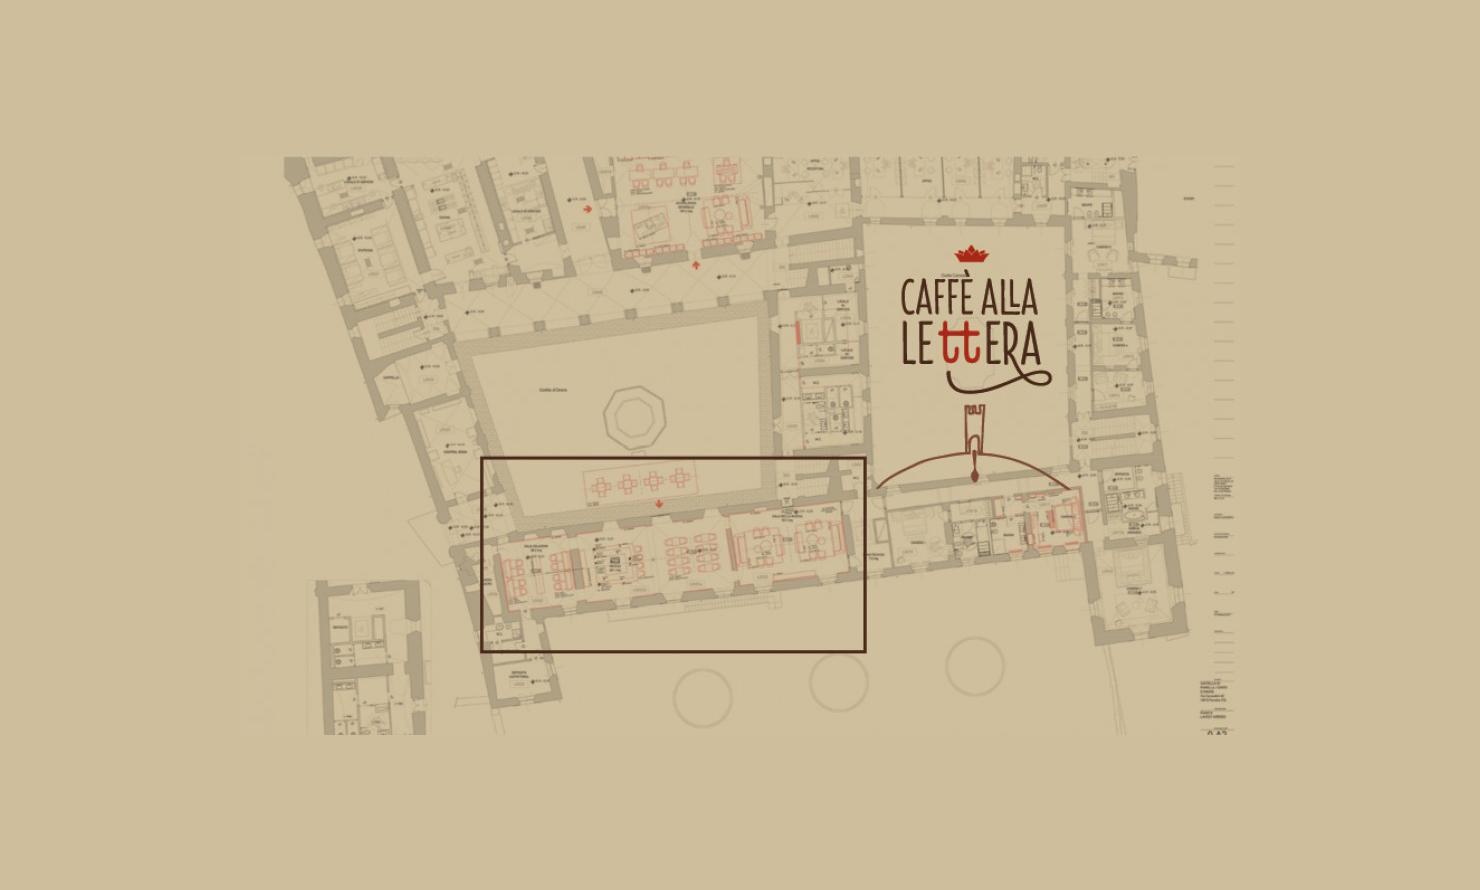 https://www.kubelibre.com/uploads/Slider-work-tutti-clienti/manital-vistaterra-caffè-alla-lettera-la-caffetteria-di-vistaterra-2.jpg